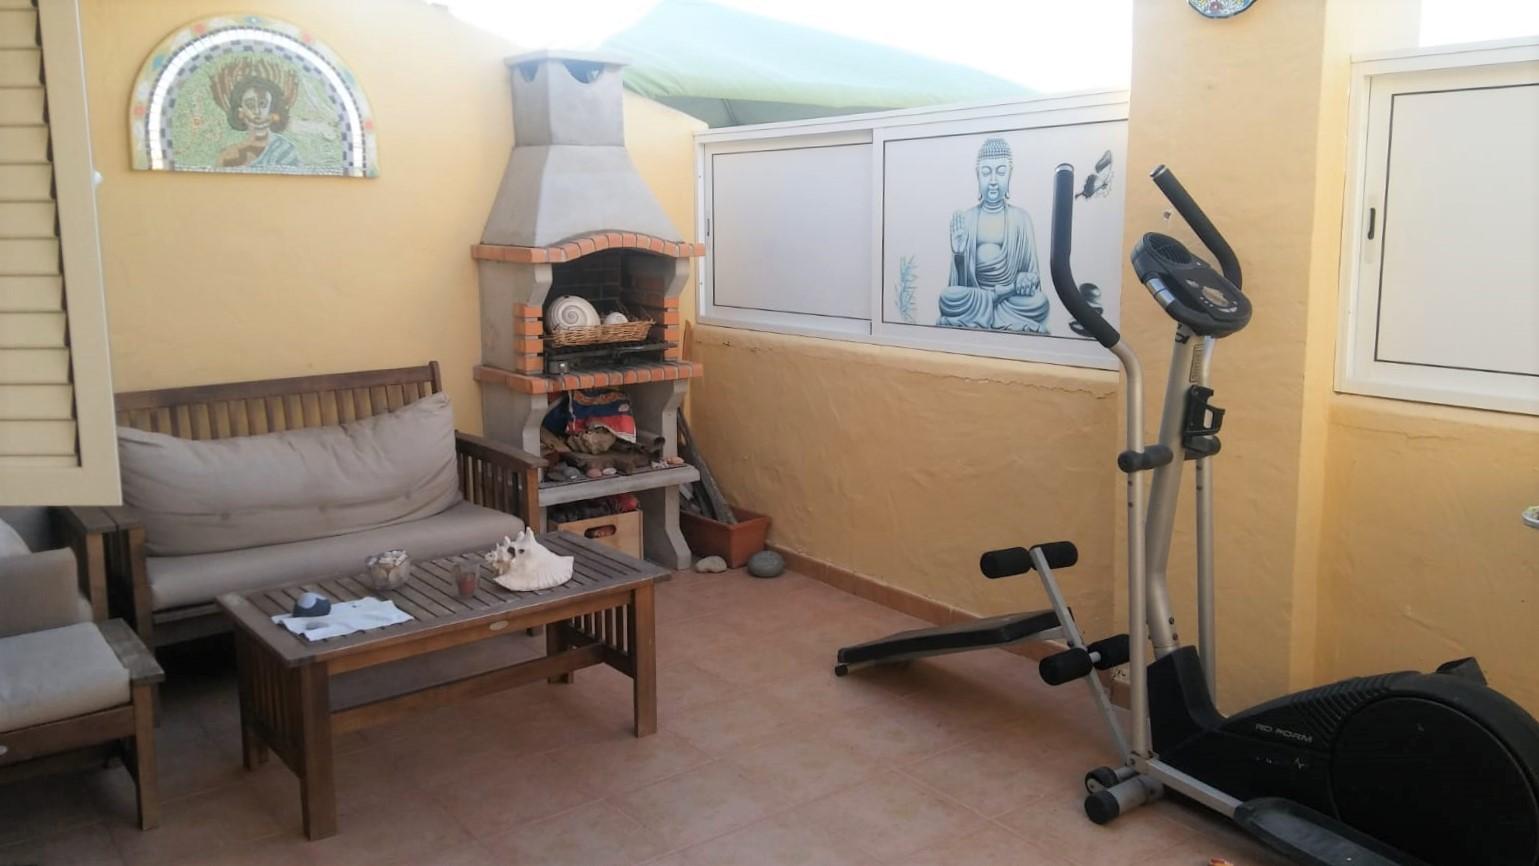 Apartamento De 1 Dormitorio Con Terraza Canarihus